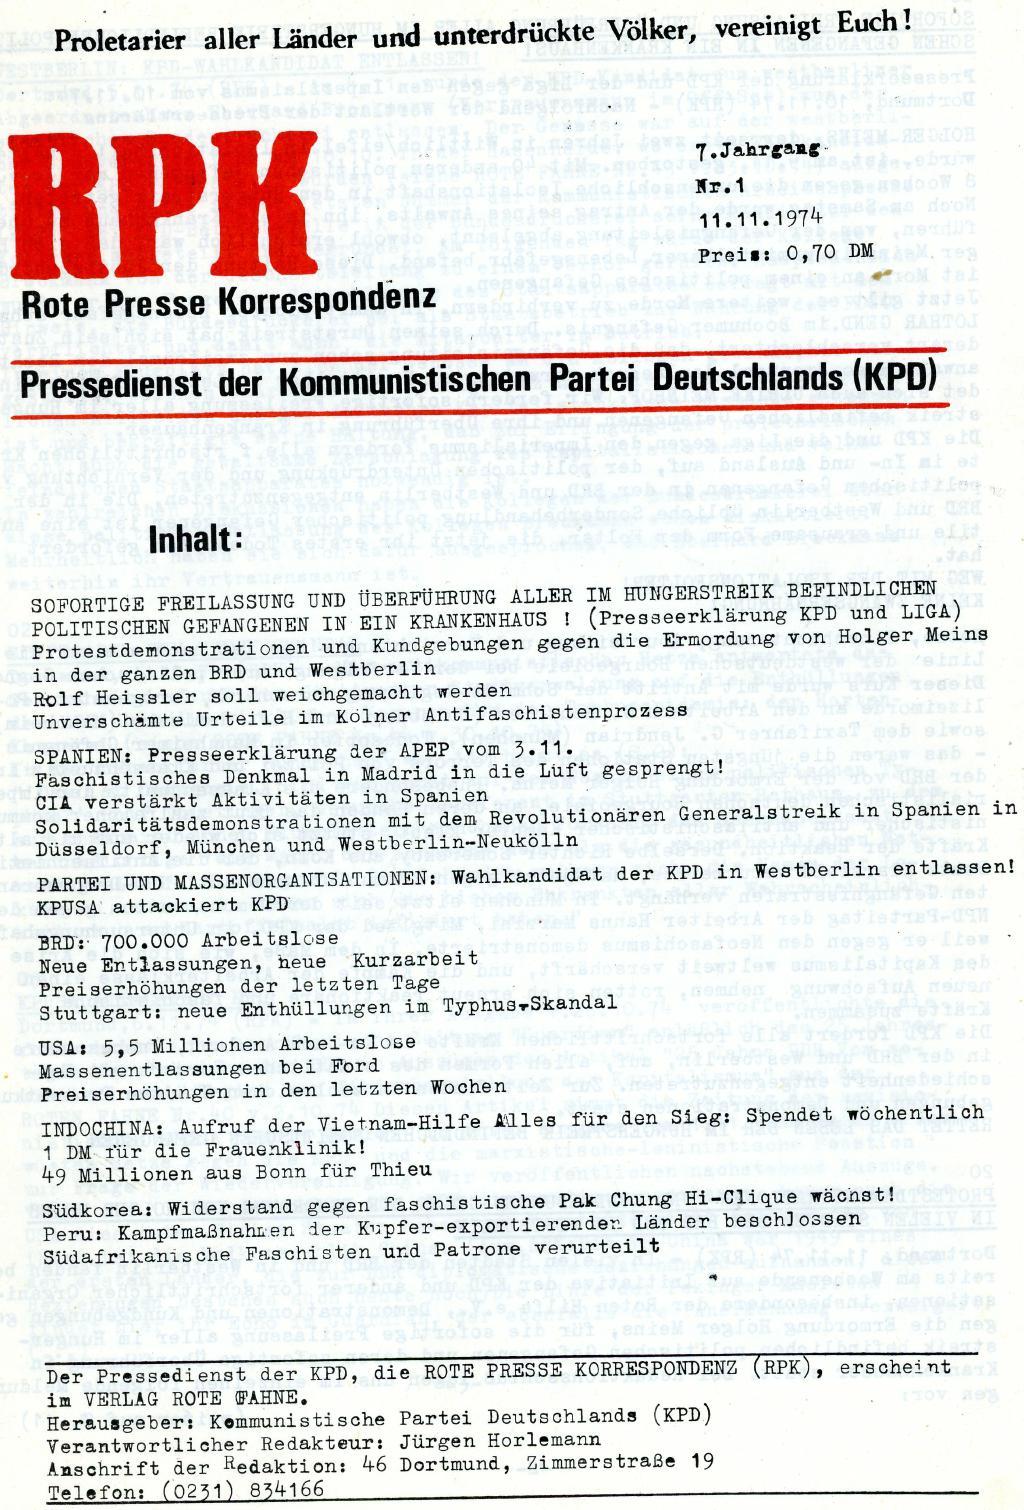 RPK_Pressedienst_1974_01_01